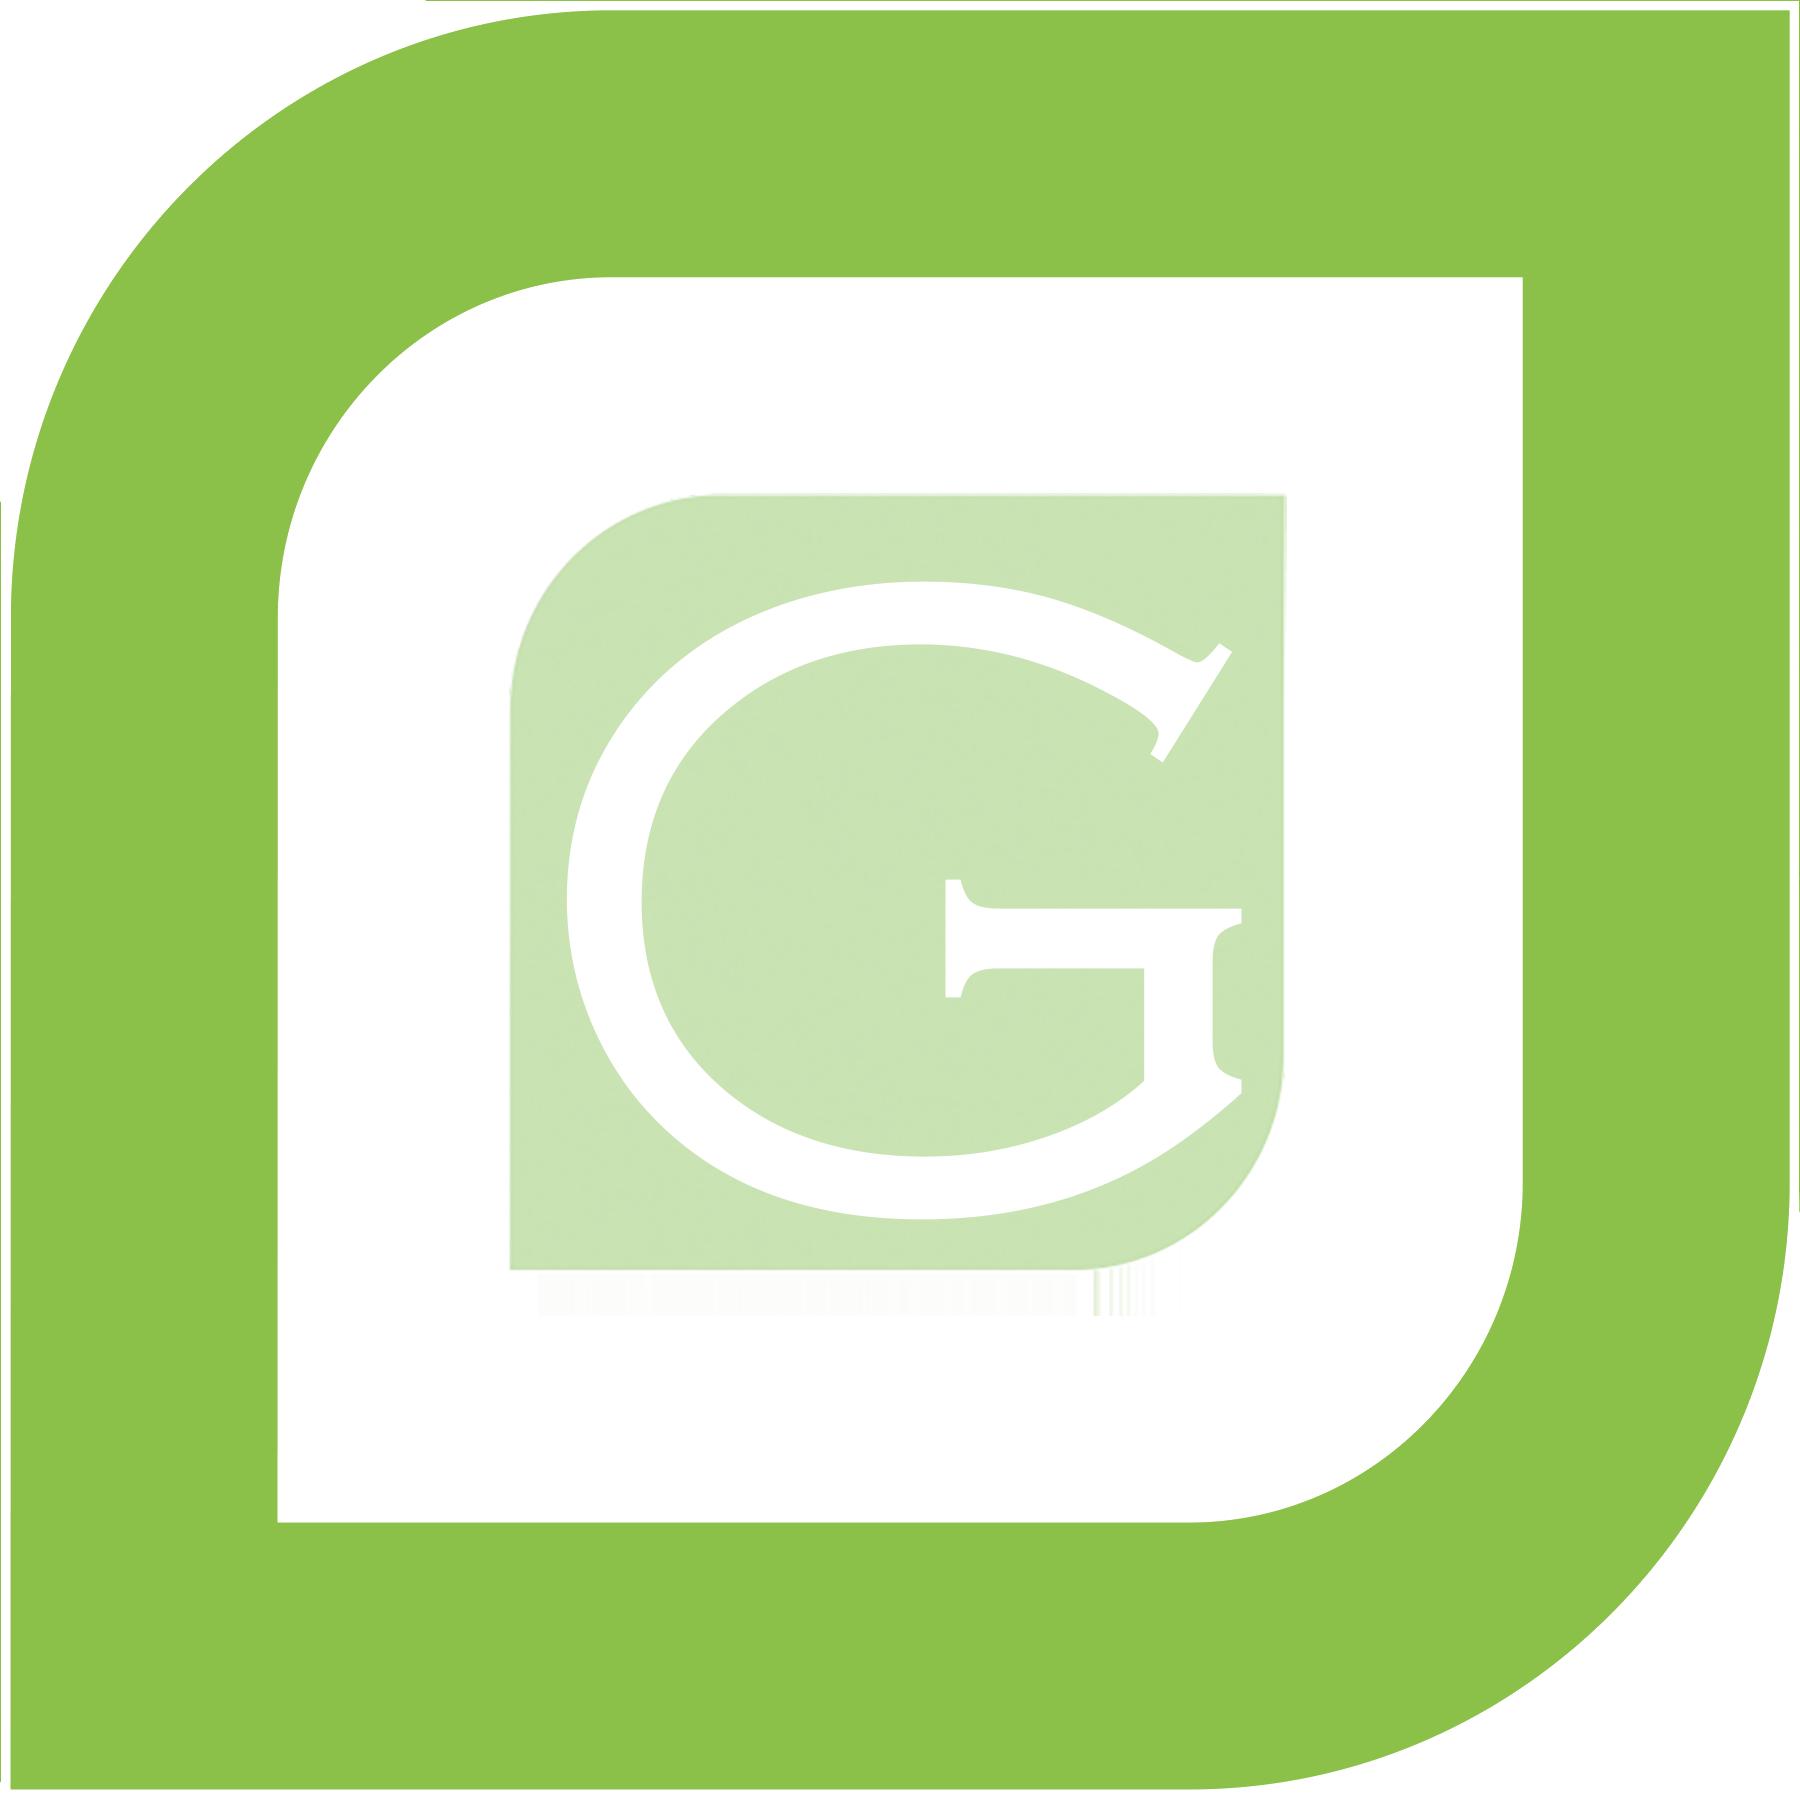 GMorrison's profile